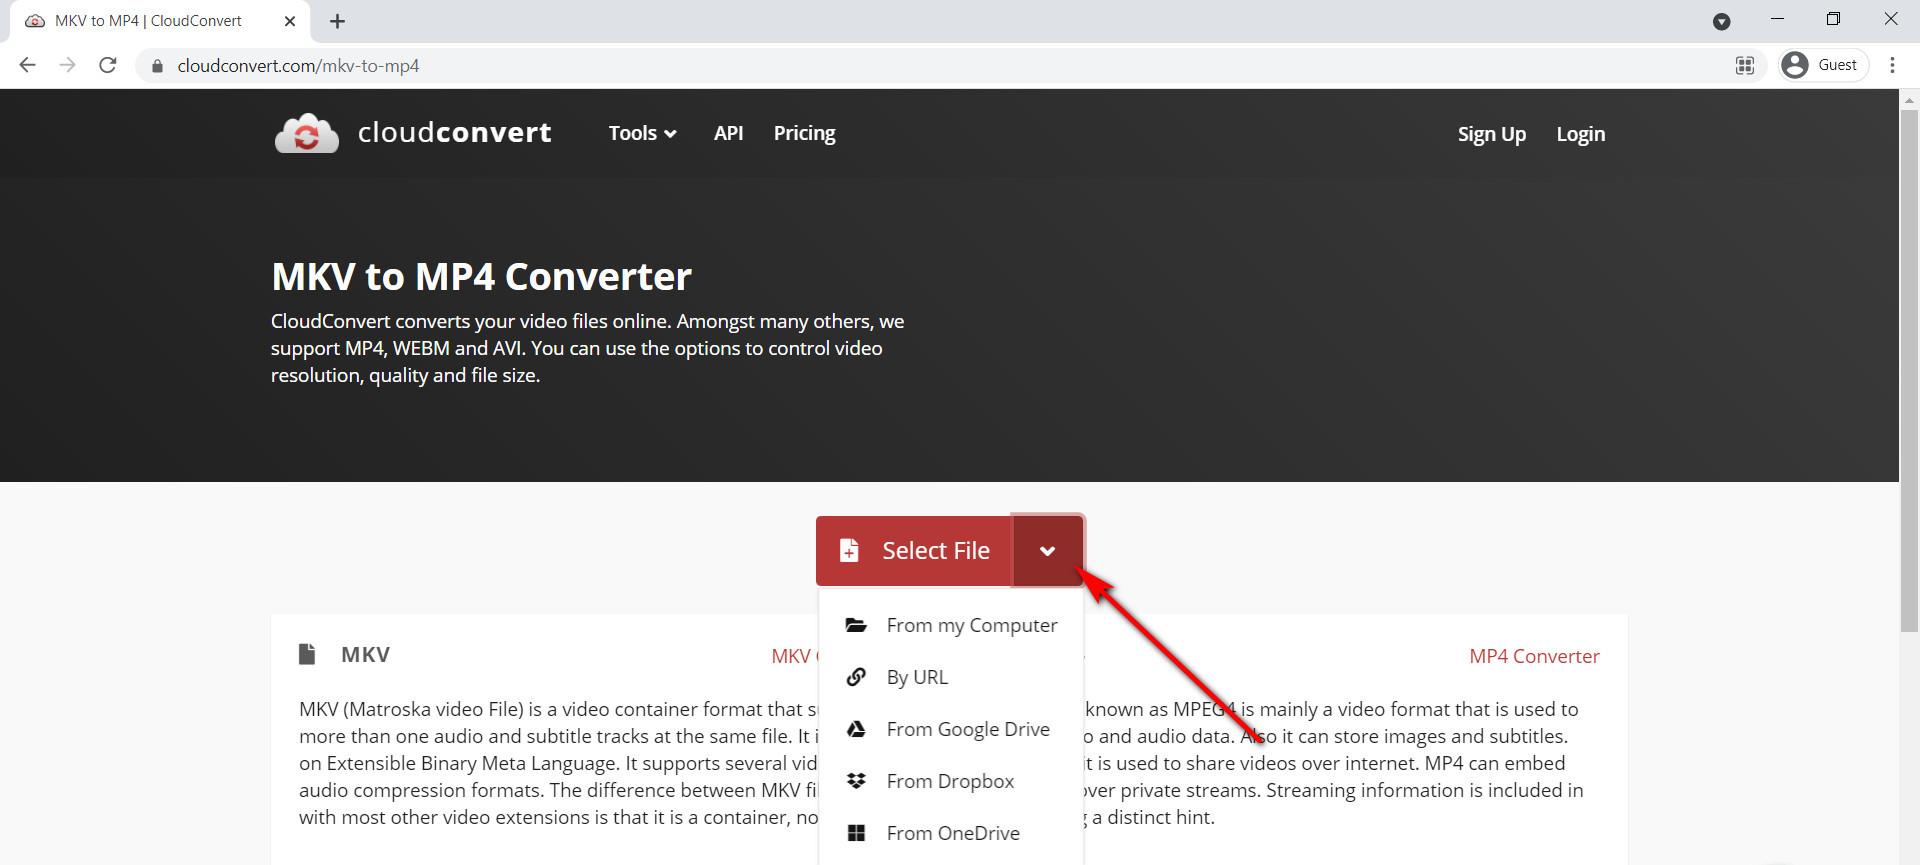 كيفية تحويل MKV إلى MP4 عبر الإنترنت